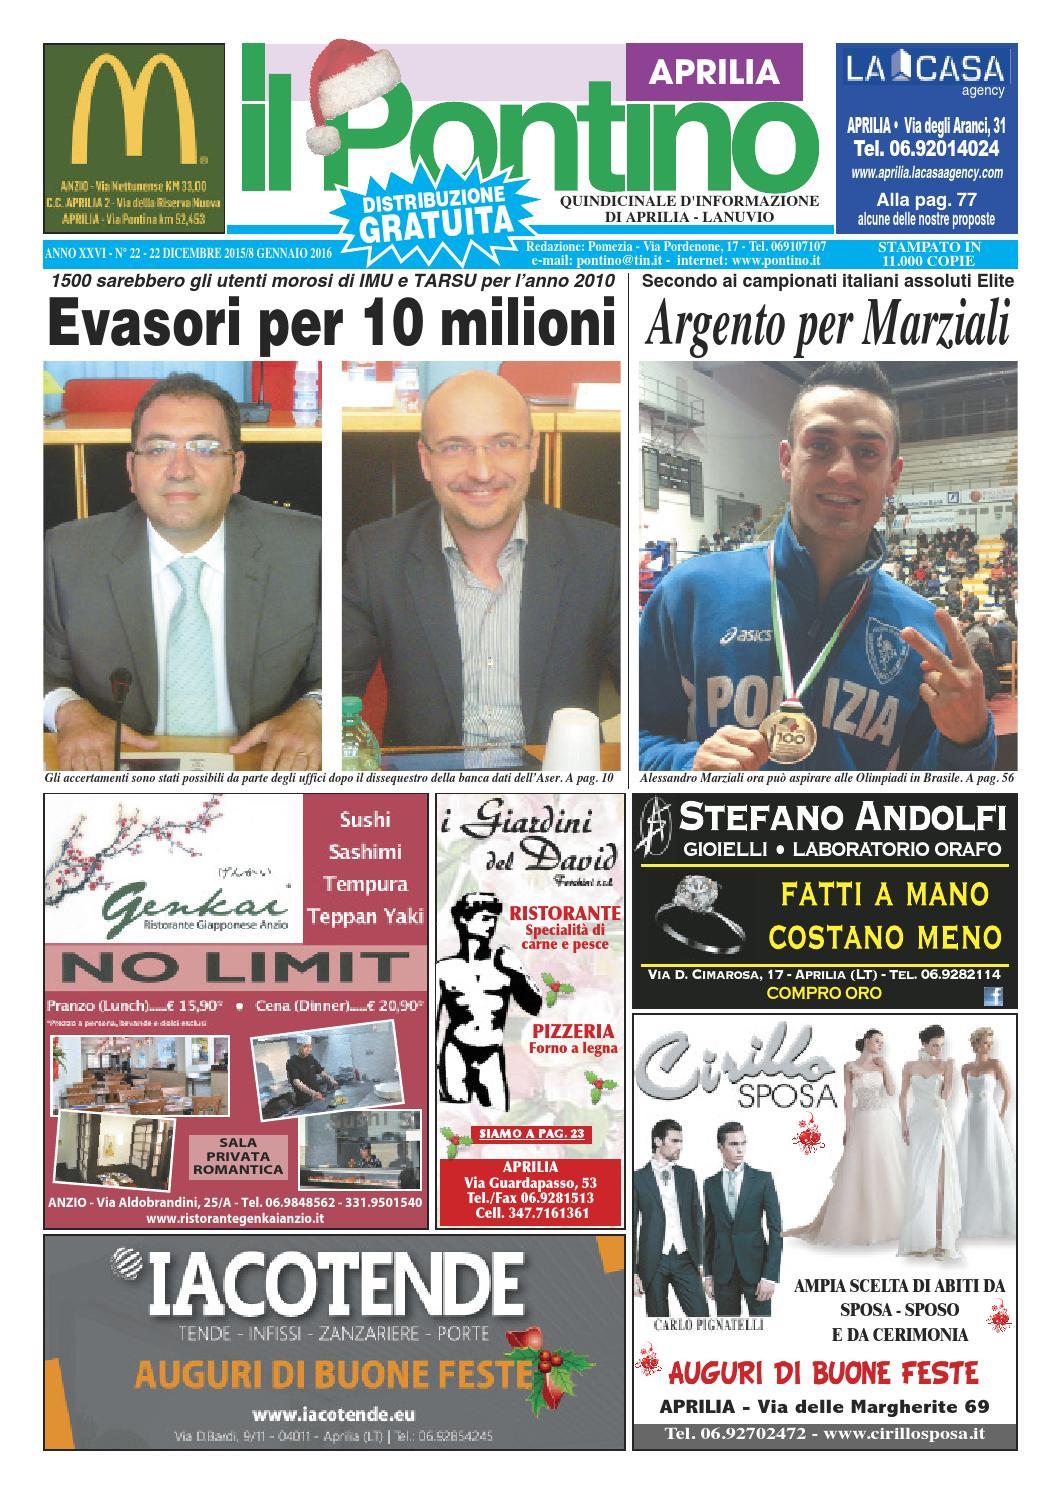 Il Pontino Aprilia - Anno XXVI - N. 22 - 22 Dicembre 2015 8 Gennaio 2016 by  Il Pontino Il Litorale - issuu 550ff2c9344